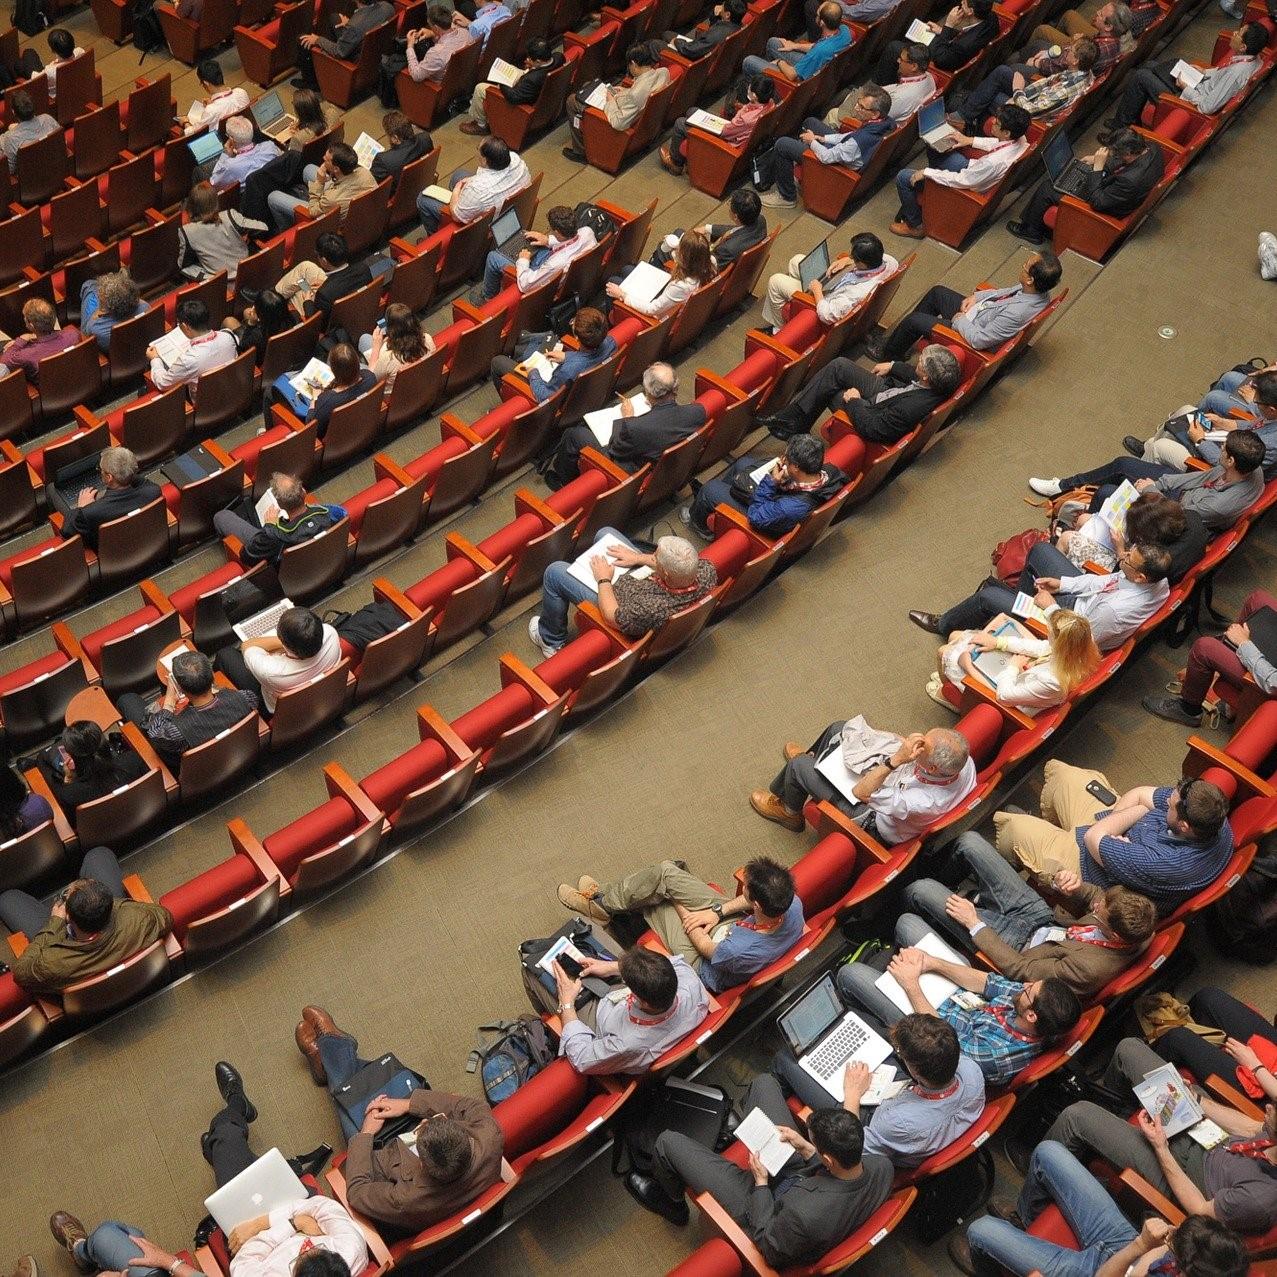 Auditoriums